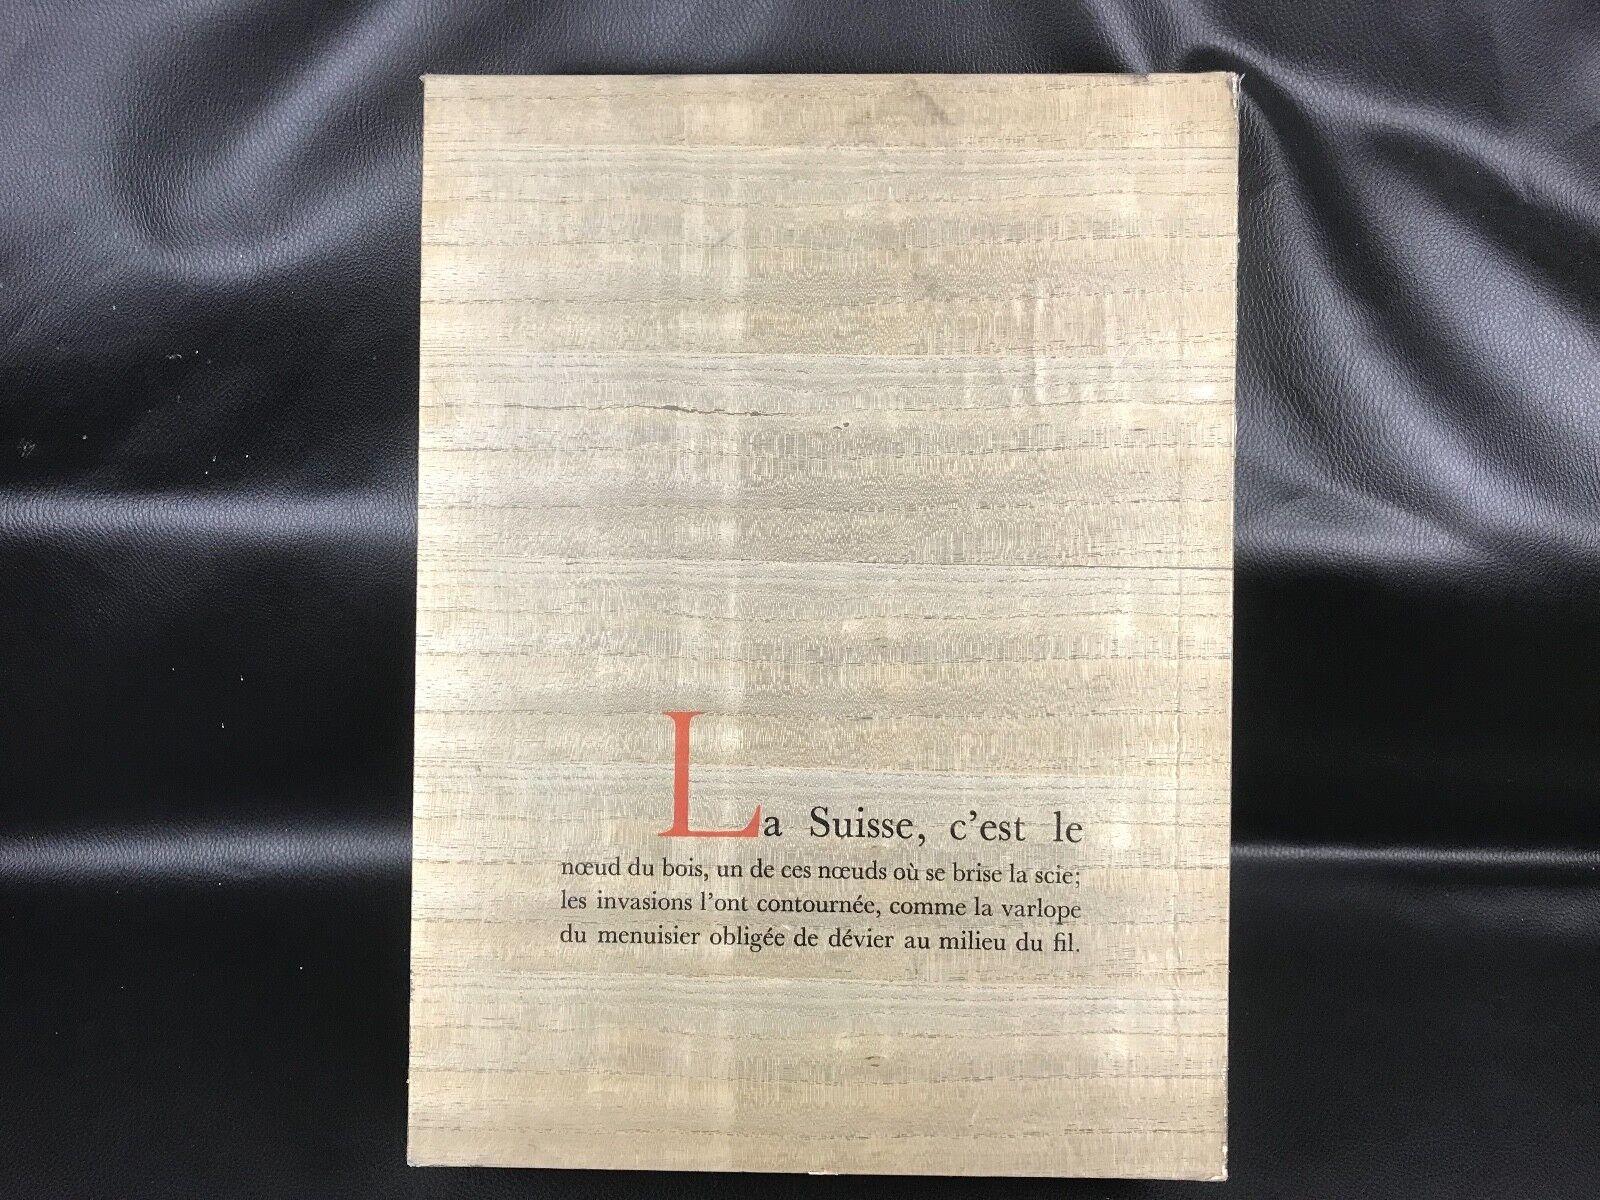 Comme Votre Maison Roma vialibri ~ rare books from 1969 - page 43